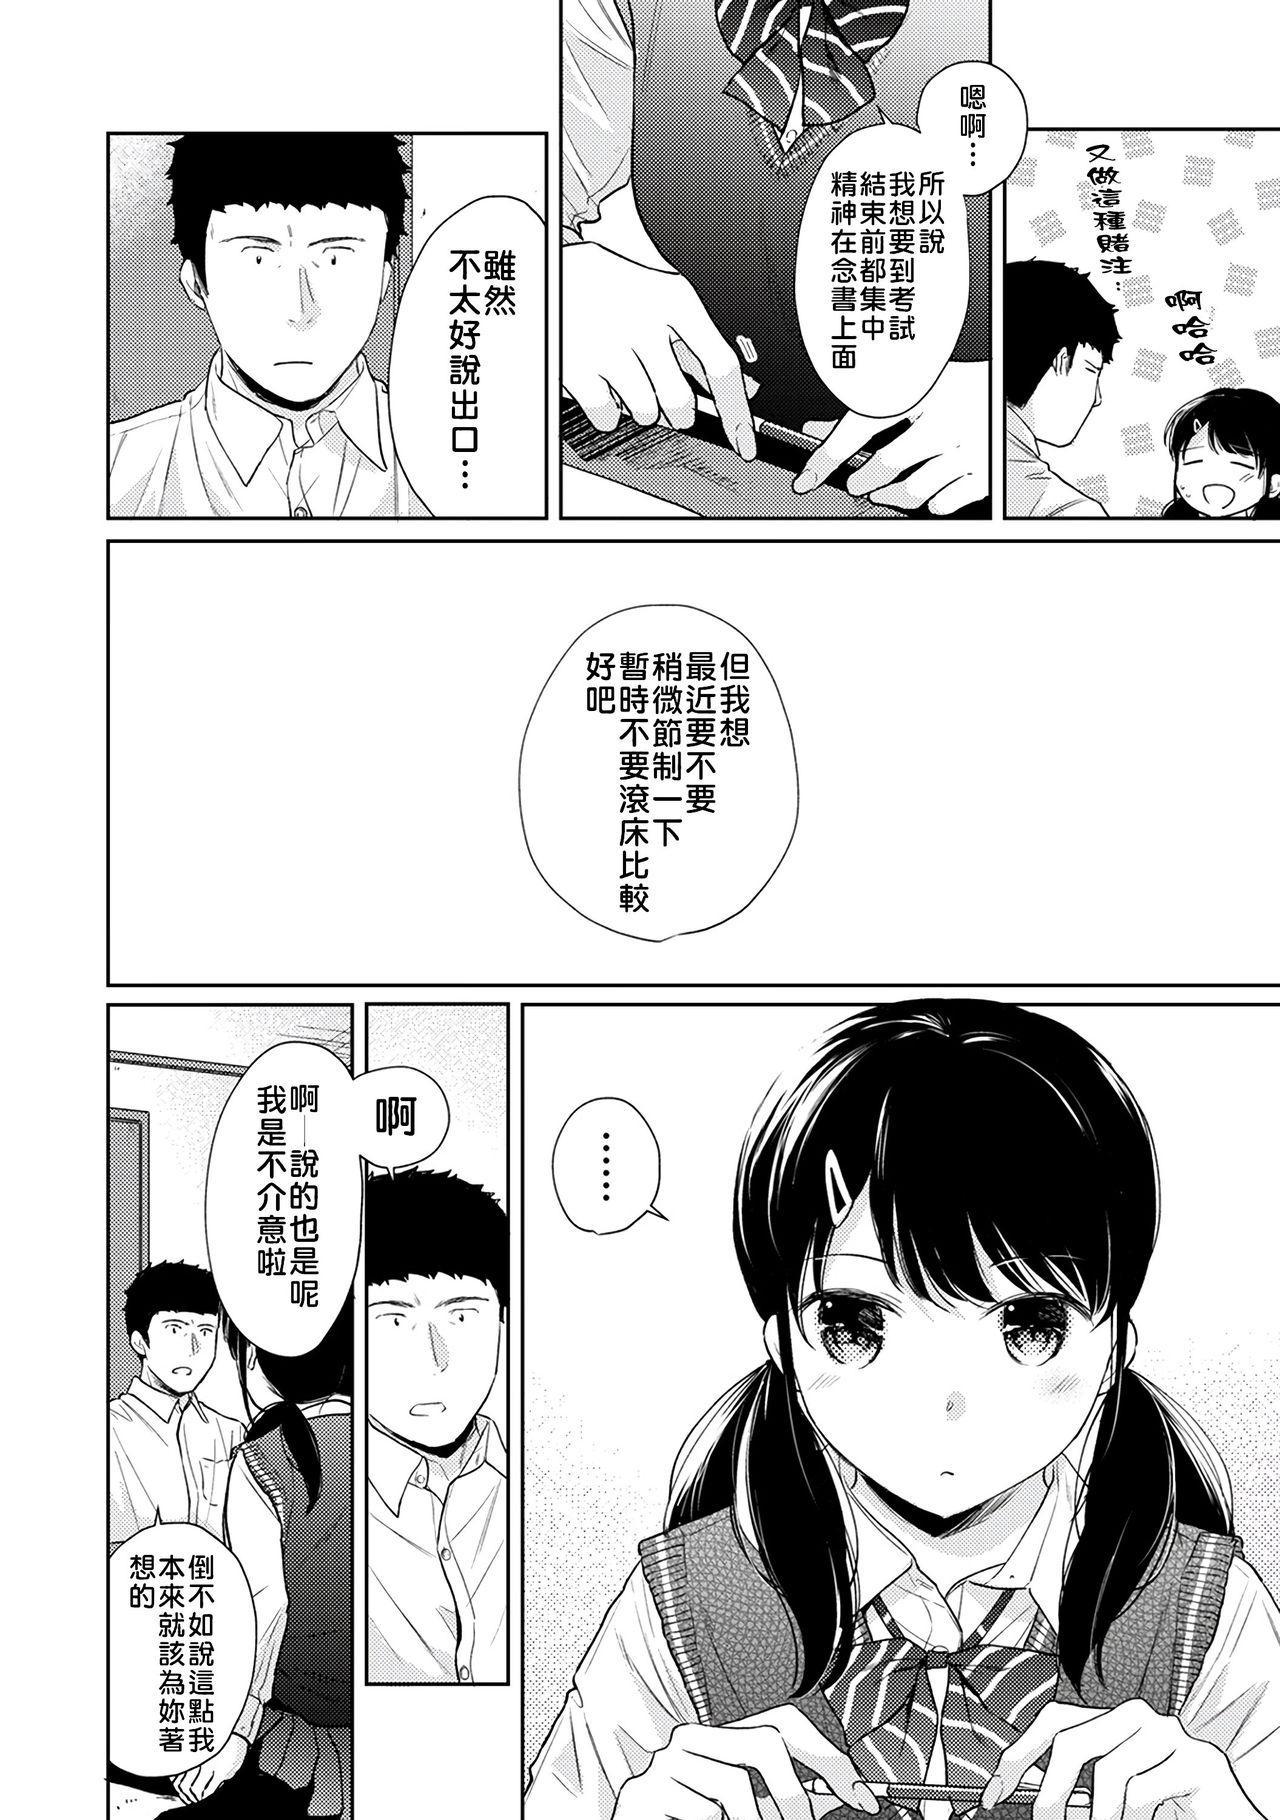 1LDK+JK Ikinari Doukyo? Micchaku!? Hatsu Ecchi!!?   1LDK+JK 突然間展開同居? 極度貼近!?初體驗!? Ch. 18-22 122